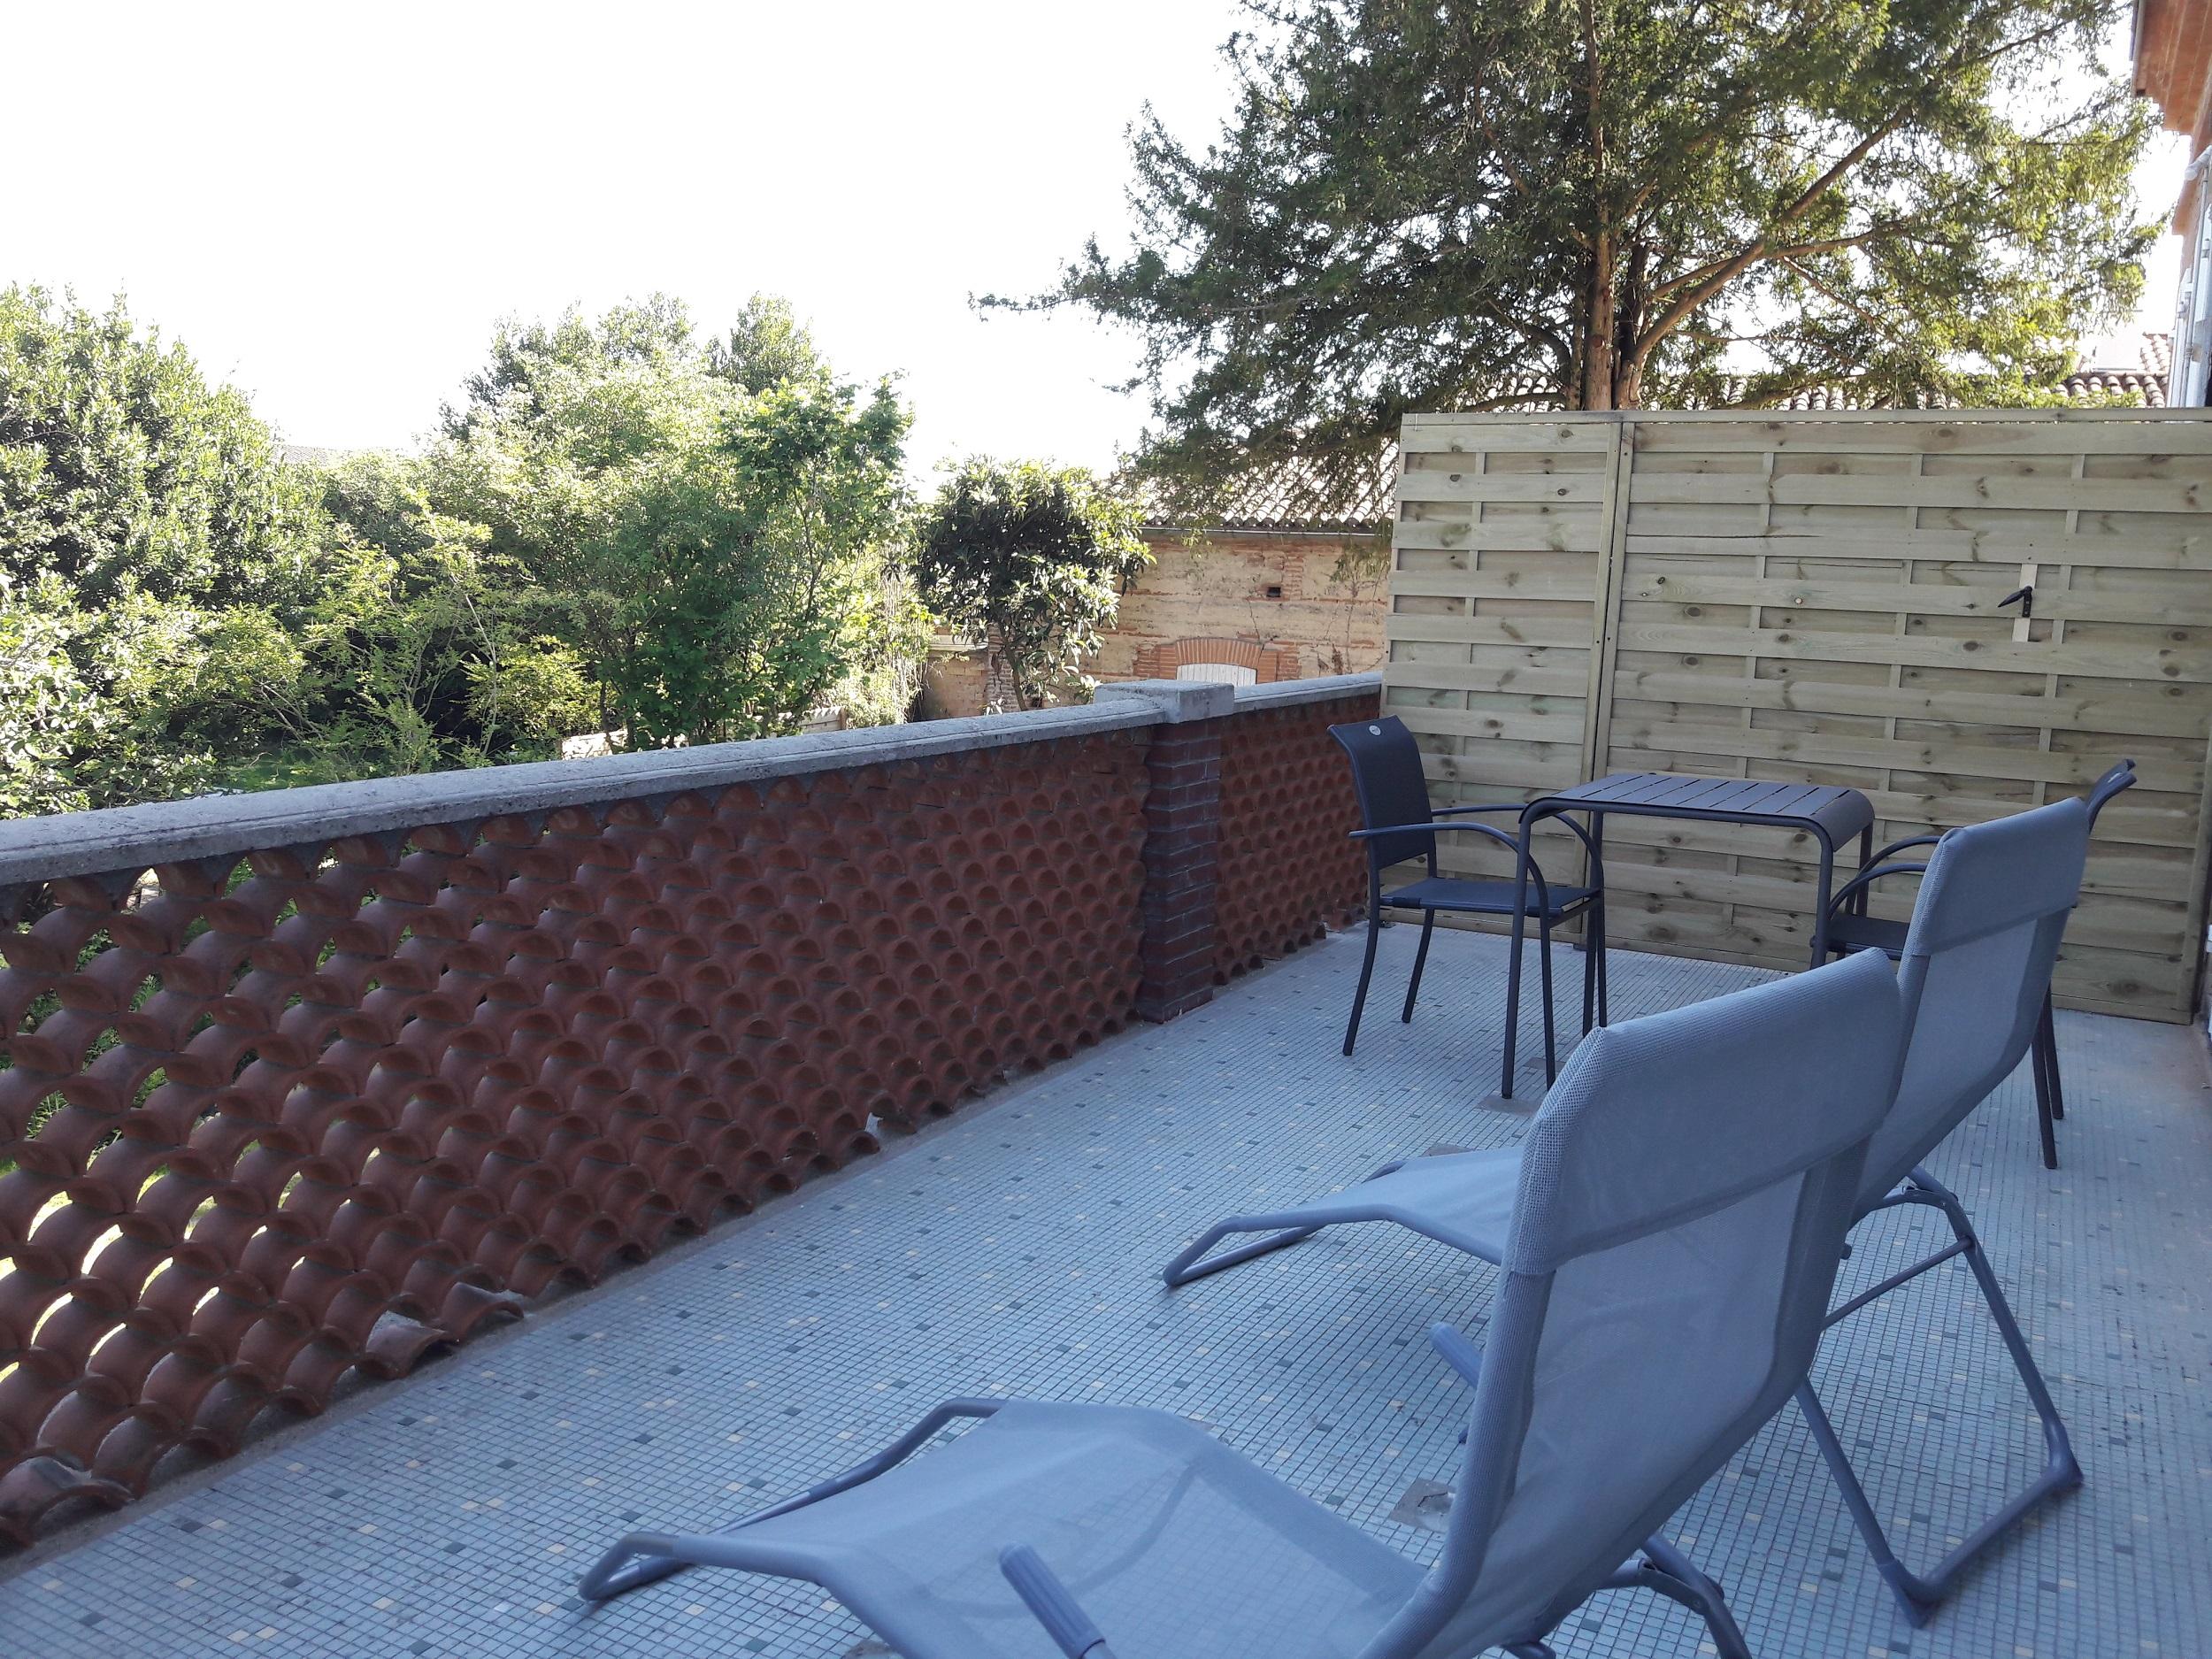 Terrasse privative de la suite quintessence pour se détendre avec transats, table et chaises et une belle vue sur le jardin